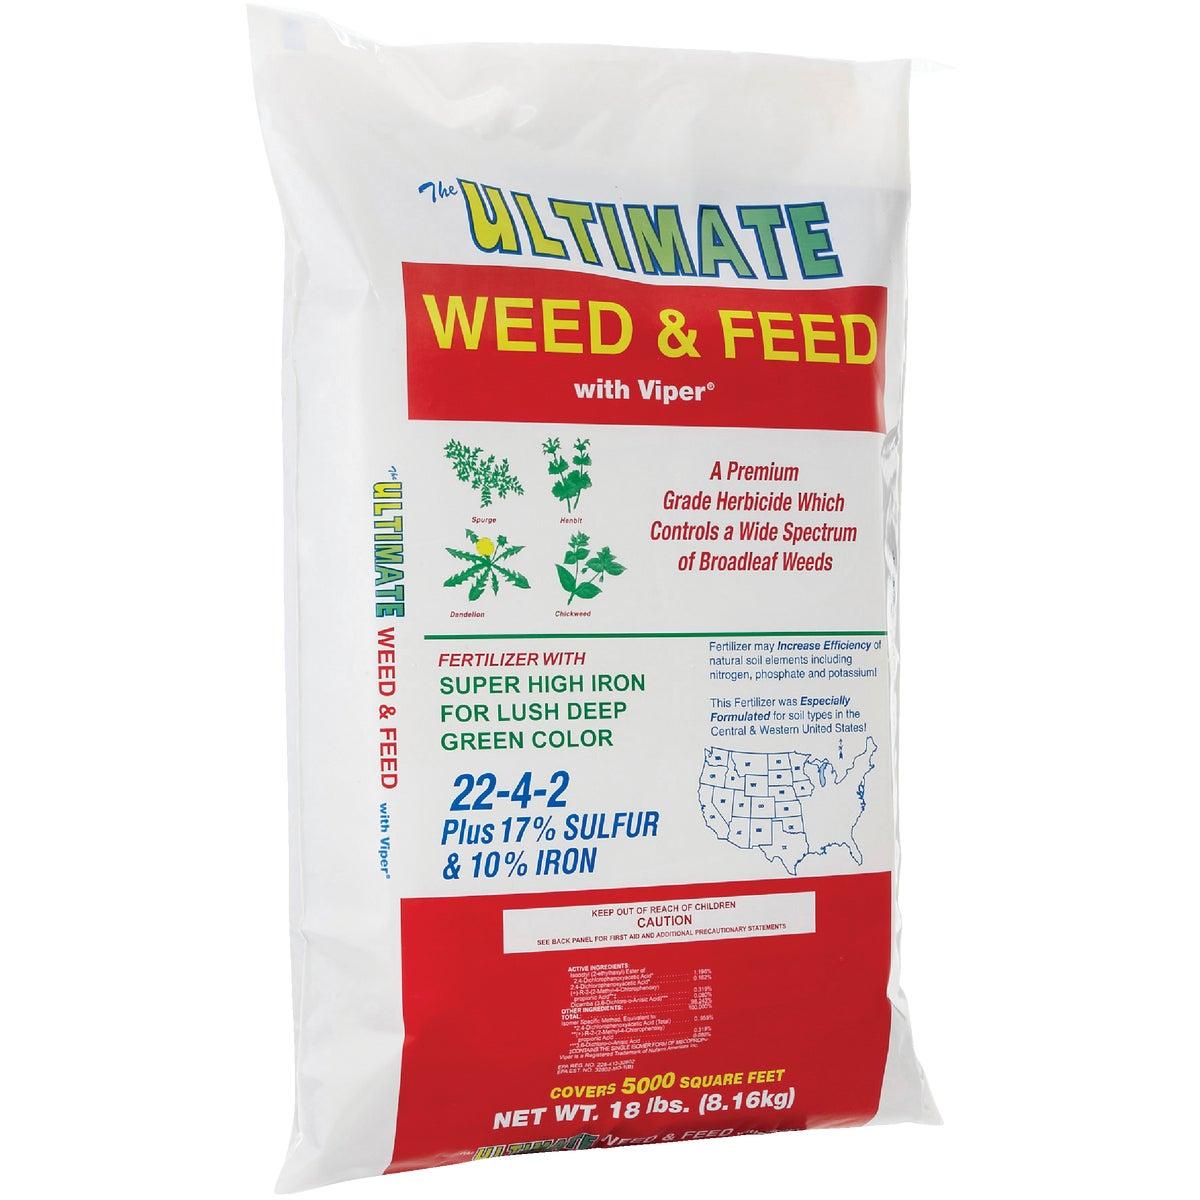 WEED & FEED FERTILIZER